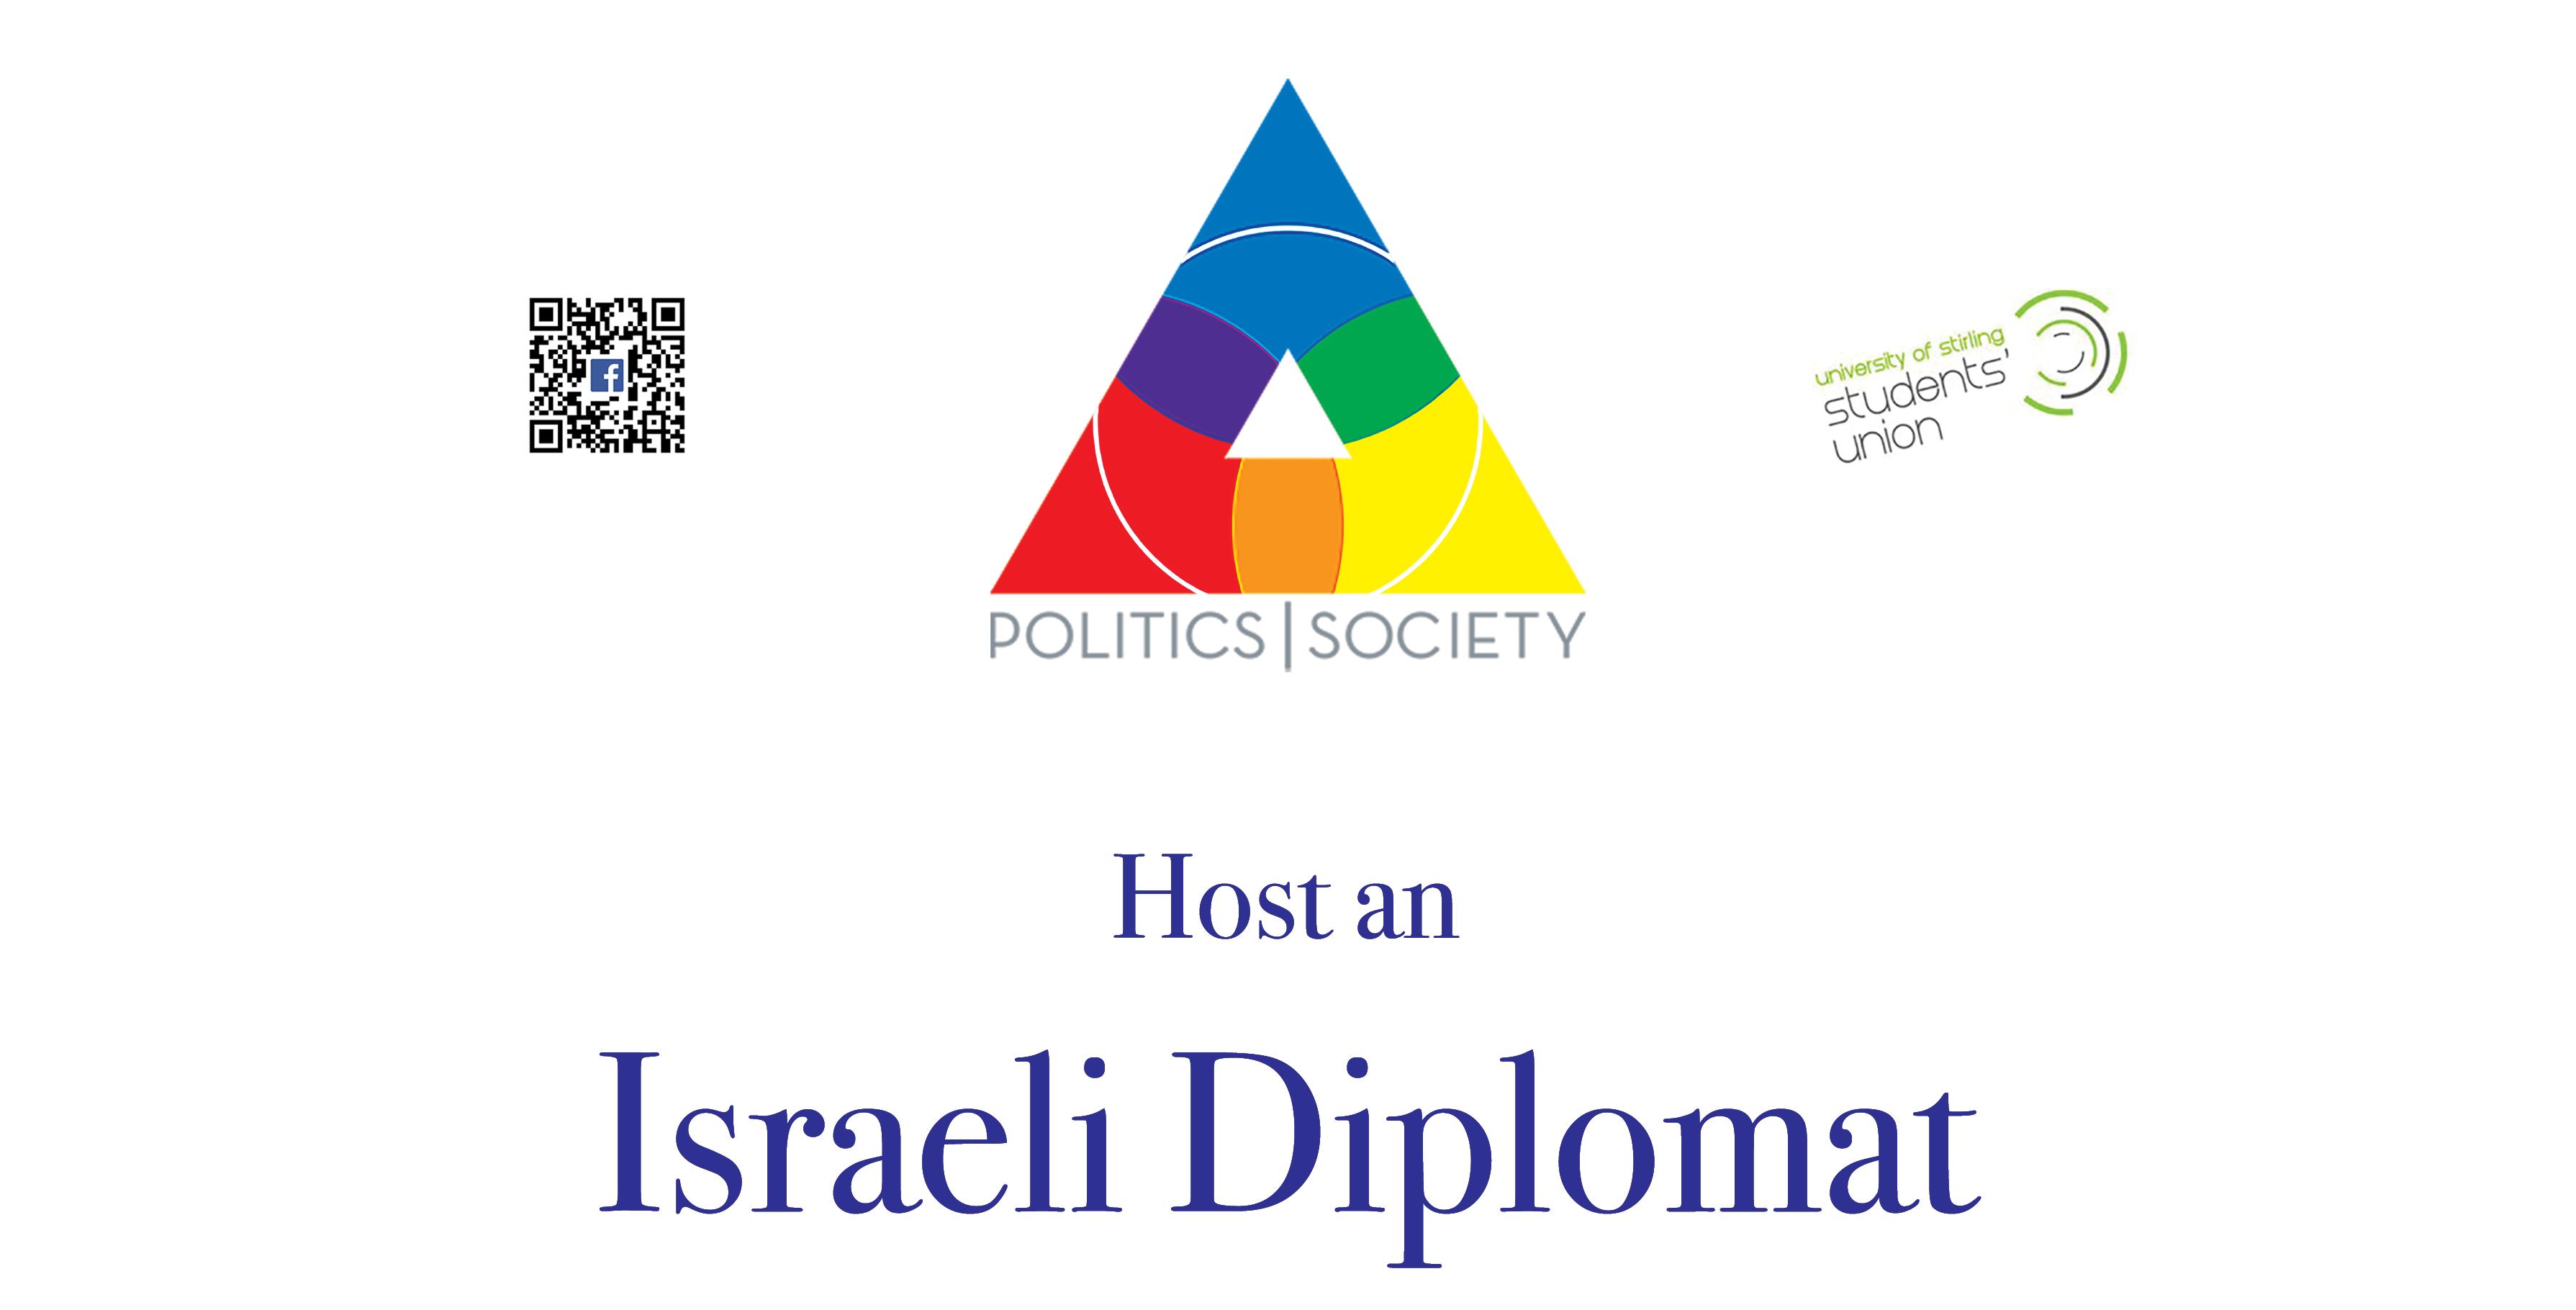 Israeli Diplomat poster1 (2)